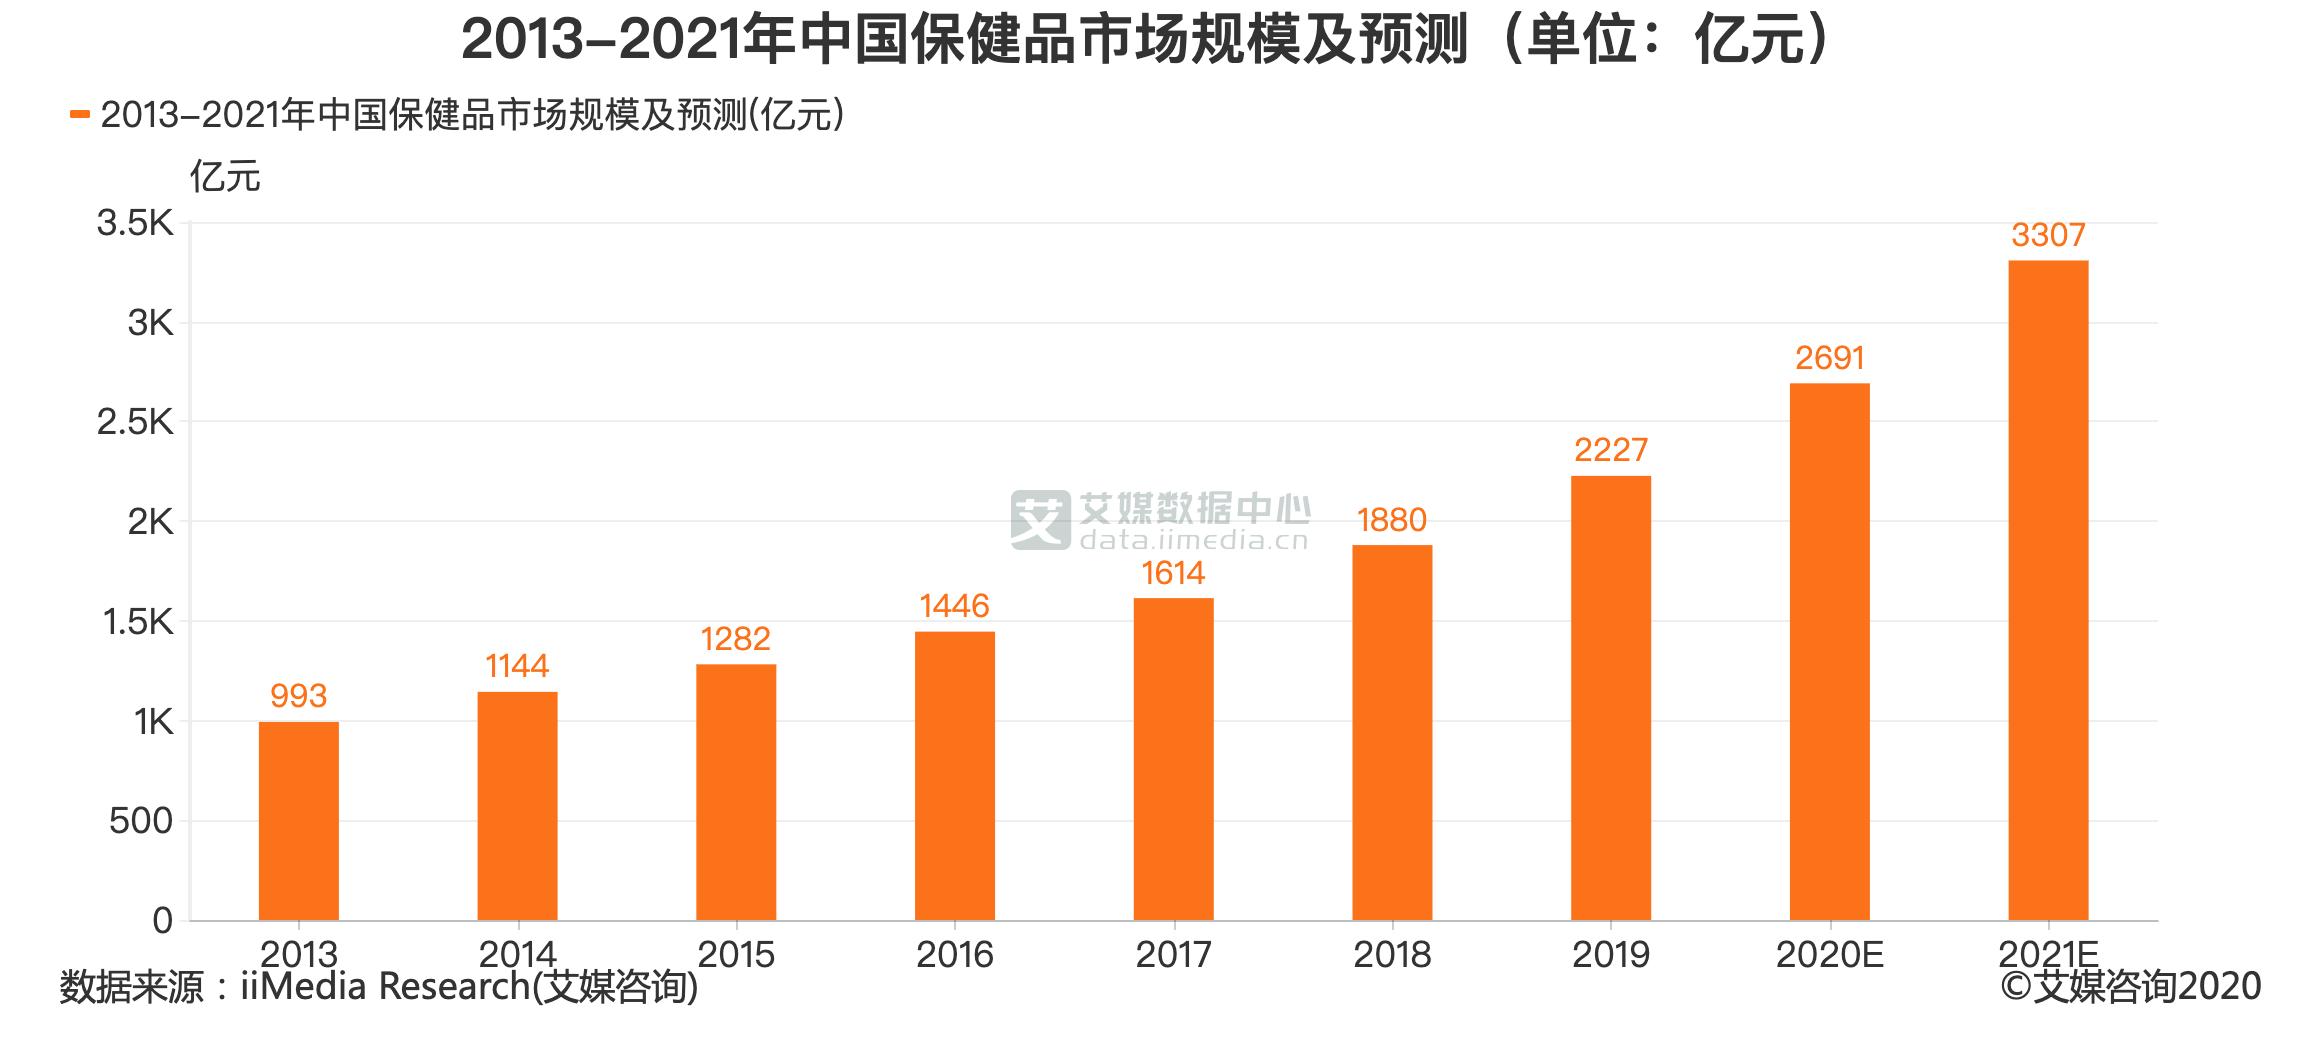 2013-2021年中国保健品市场规模及预测(单位:亿元)